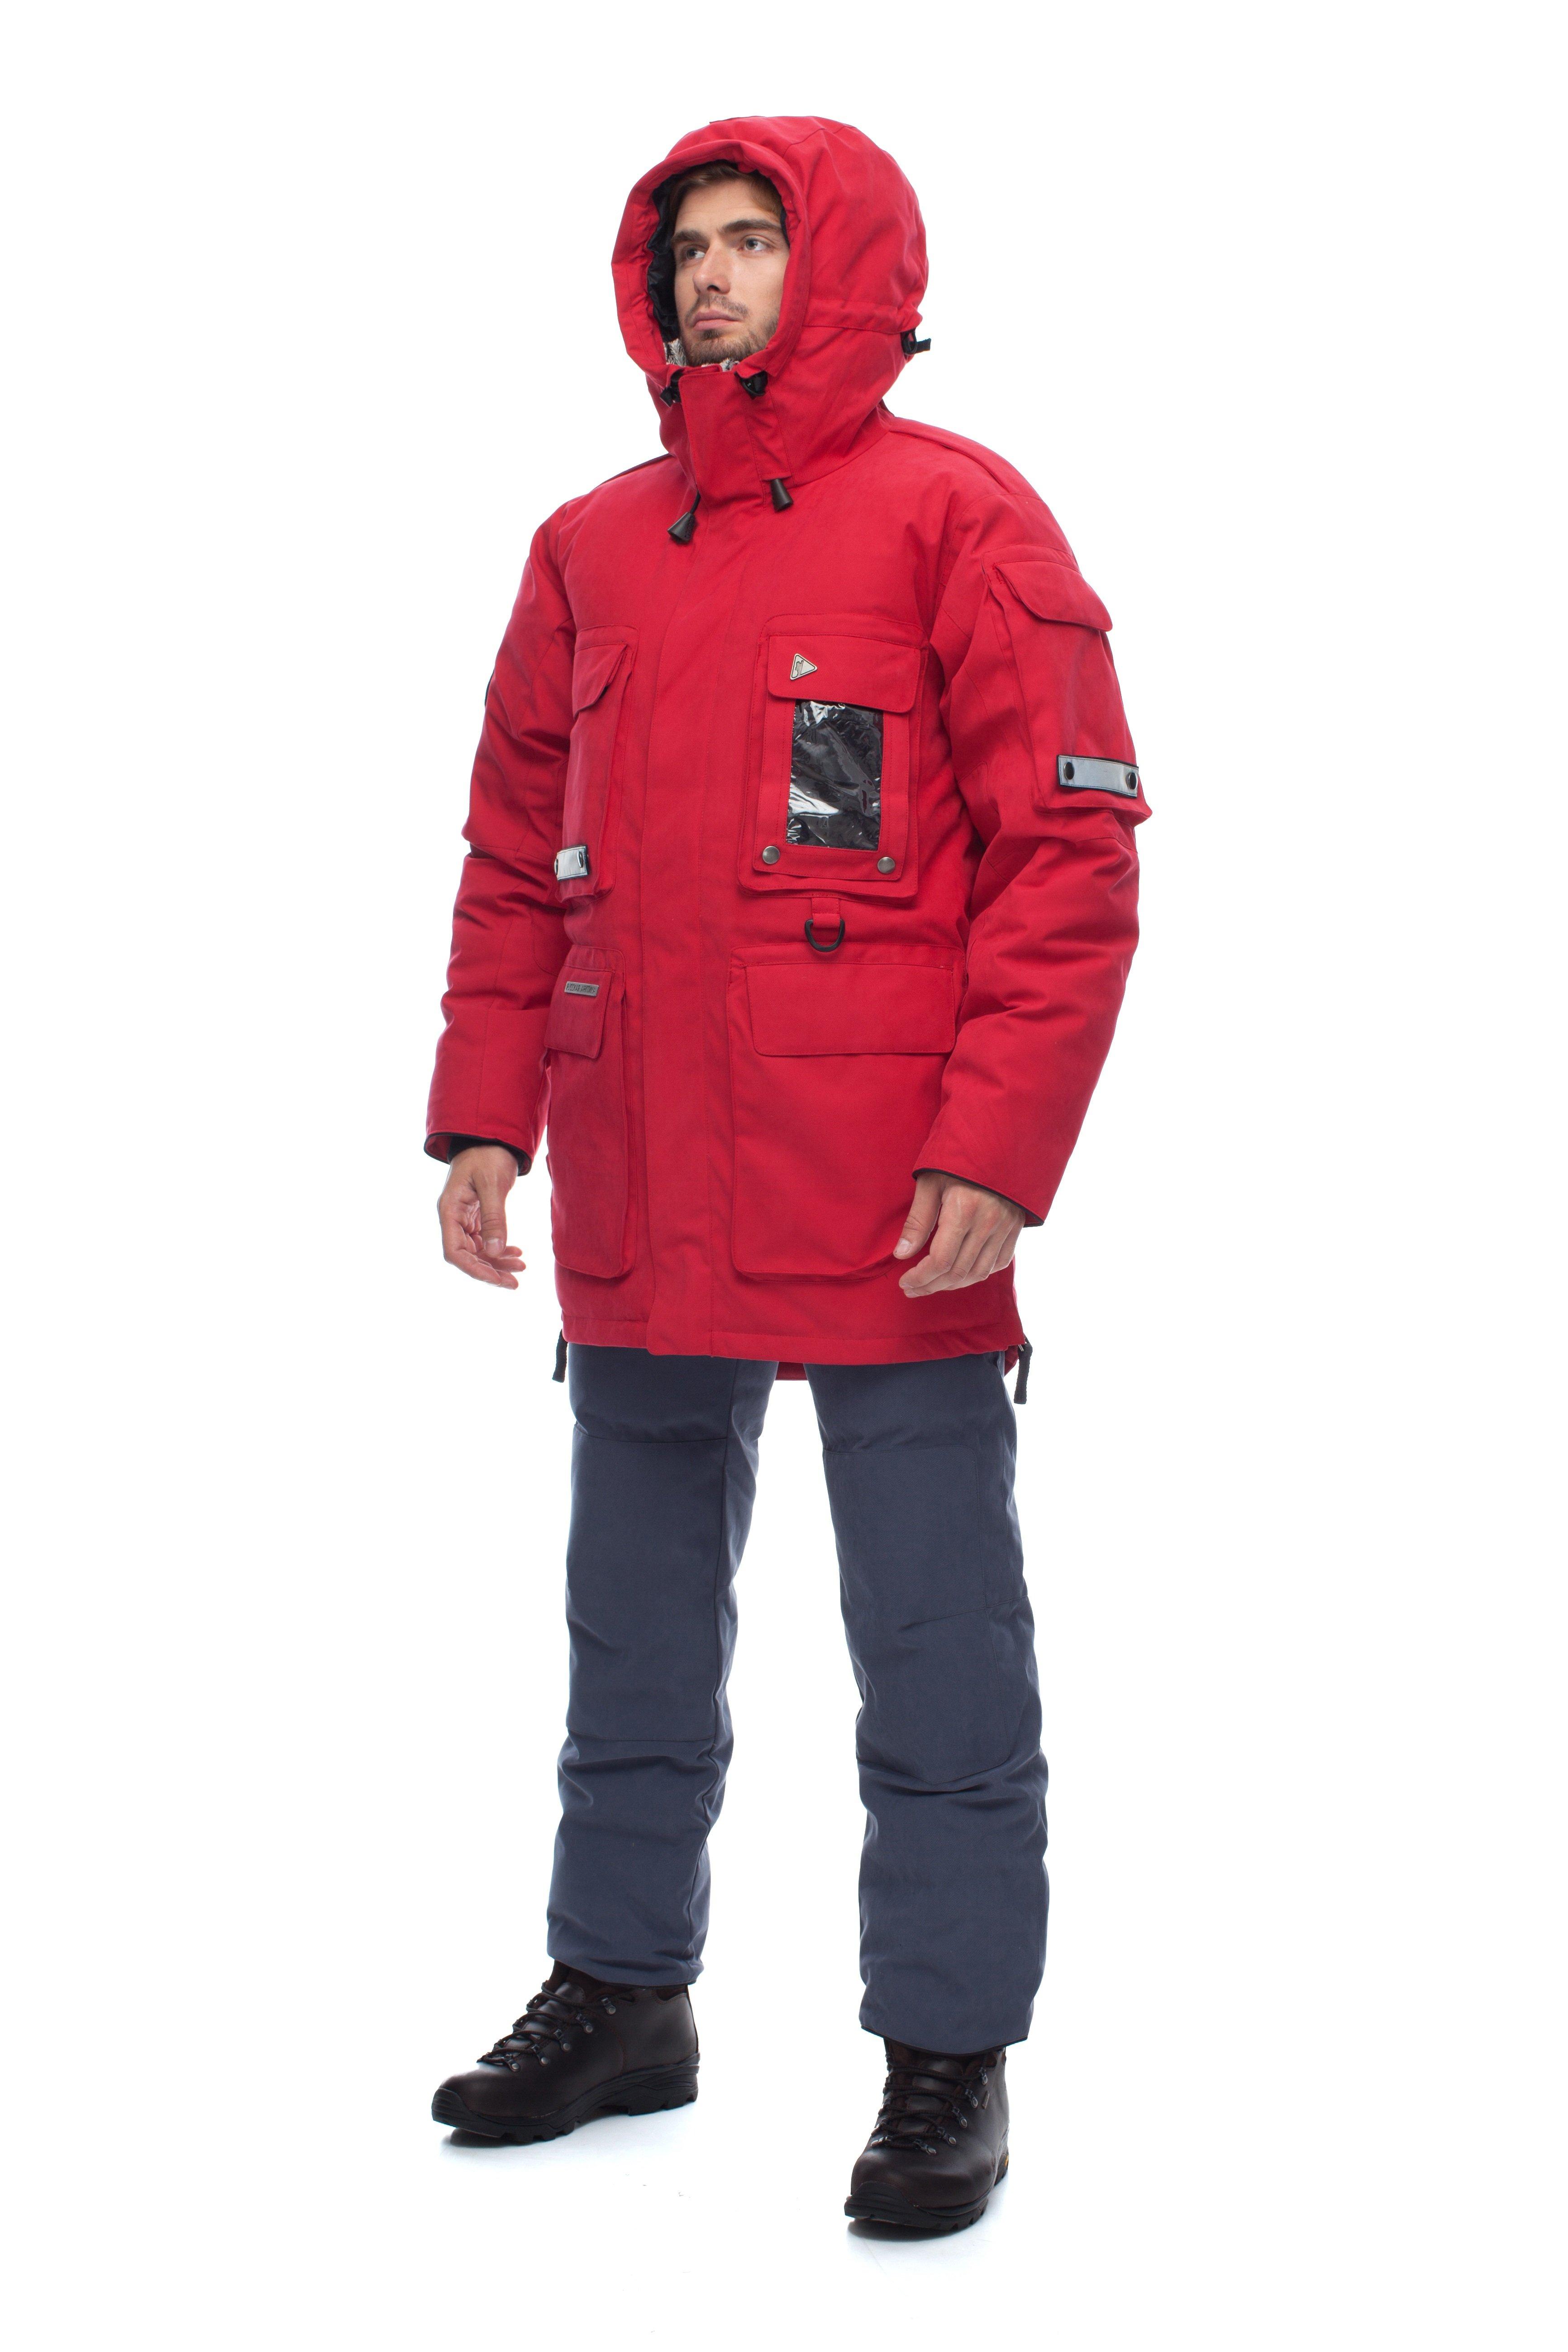 Куртка BASK SHL ANABAR 1476Куртка BASK ANABAR с синтетическим утеплителем Shelter Sport&amp;reg; для экстремально холодных температур. Одна из самых теплых моделей коллекции За Полярным Кругом.<br><br>&quot;Дышащие&quot; свойства: Есть<br>Верхняя ткань: Advance® Alaska<br>Вес граммы: 1530<br>Вес утеплителя: 400<br>Ветро-влагозащитные свойства верхней ткани: Да<br>Ветрозащитная планка: Да<br>Ветрозащитная юбка: Да<br>Влагозащитные молнии: Нет<br>Внутренние манжеты: Да<br>Внутренняя ткань: Advance® Classic<br>Водонепроницаемость: 5000<br>Дублирующий центральную молнию клапан: Да<br>Защитный козырёк капюшона: Нет<br>Капюшон: Несъемный<br>Карман для средств связи: Да<br>Количество внешних карманов: 7<br>Количество внутренних карманов: 6<br>Коллекция: За Полярным Кругом<br>Мембрана: Да<br>Объемный крой локтевой зоны: Да<br>Отстёгивающиеся рукава: Нет<br>Паропроницаемость: 5000<br>Пол: Мужской<br>Проклейка швов: Нет<br>Регулировка манжетов рукавов: Нет<br>Регулировка низа: Нет<br>Регулировка объёма капюшона: Да<br>Регулировка талии: Да<br>Регулируемые вентиляционные отверстия: Нет<br>Световозвращающая лента: Да<br>Температурный режим: -40<br>Технология Thermal Welding: Нет<br>Технология швов: Простые<br>Тип молнии: Двухзамковая<br>Тип утеплителя: Синтетический<br>Ткань усиления: Нет<br>Усиление контактных зон: Да<br>Утеплитель: Shelter® Sport<br>Размер RU: 46<br>Цвет: СИНИЙ